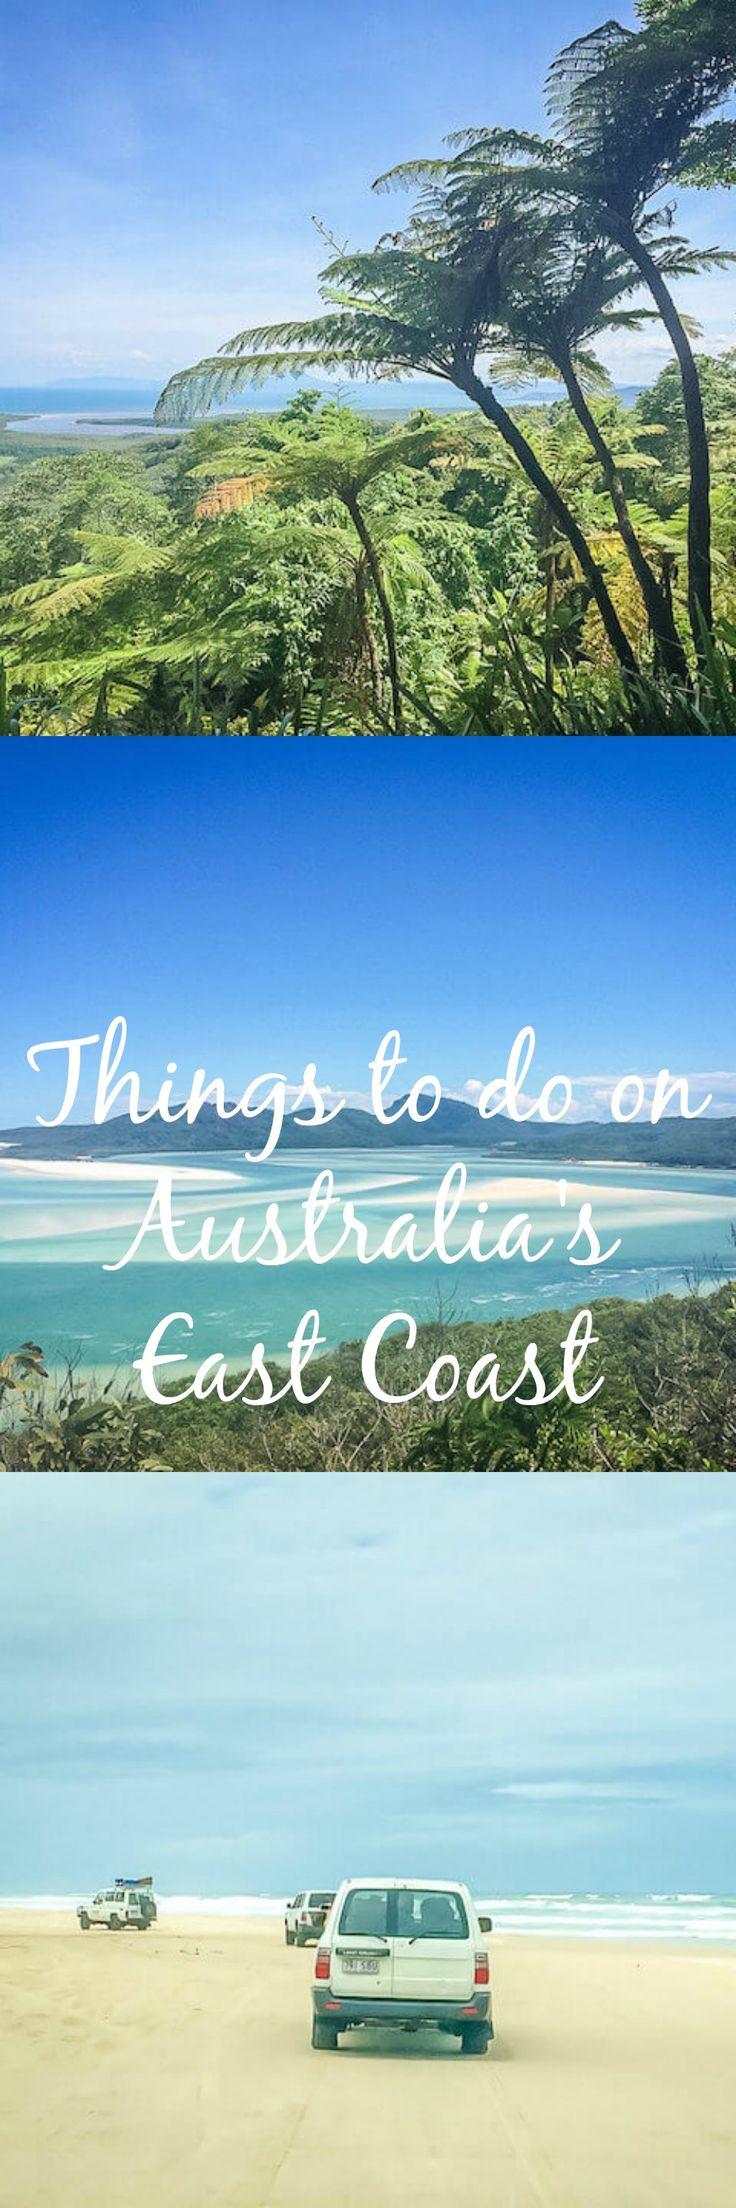 Die schönsten Stopps und unvergesslichsten Aktivitäten entlang der Ostküste Australiens